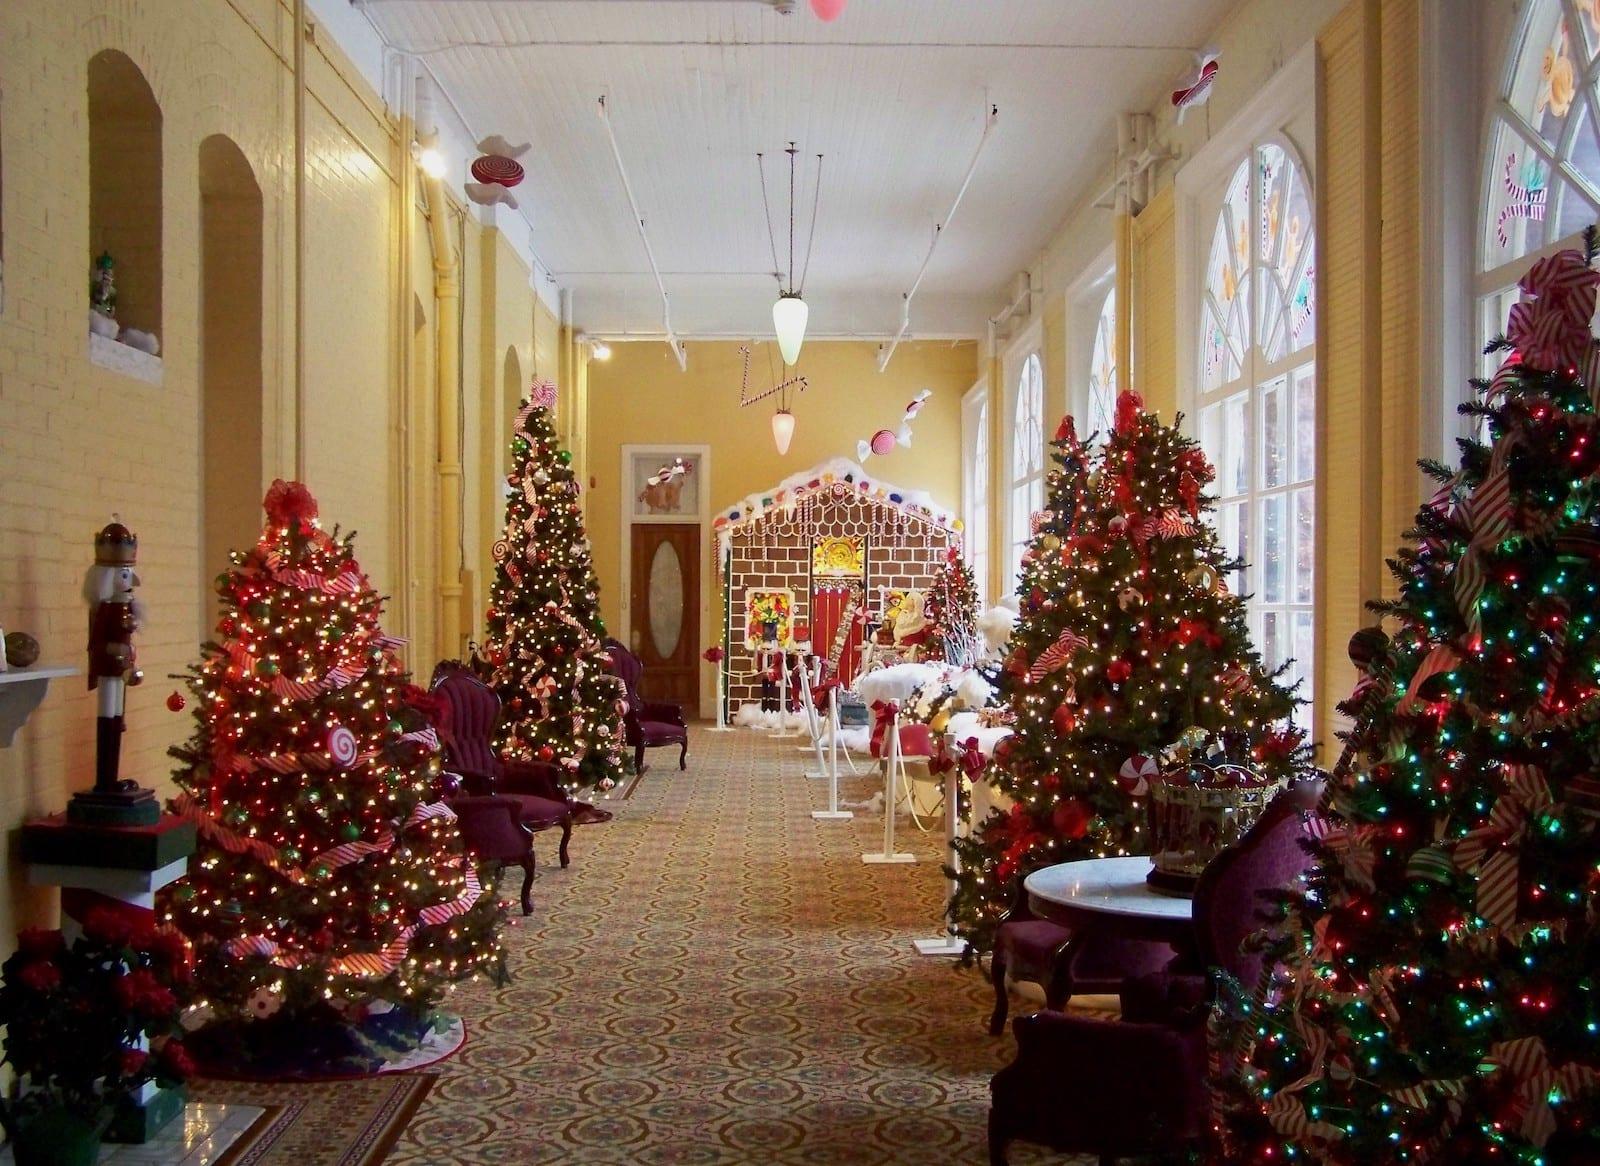 Hotel Colorado Christmas Trees in Hallway Glenwood Springs